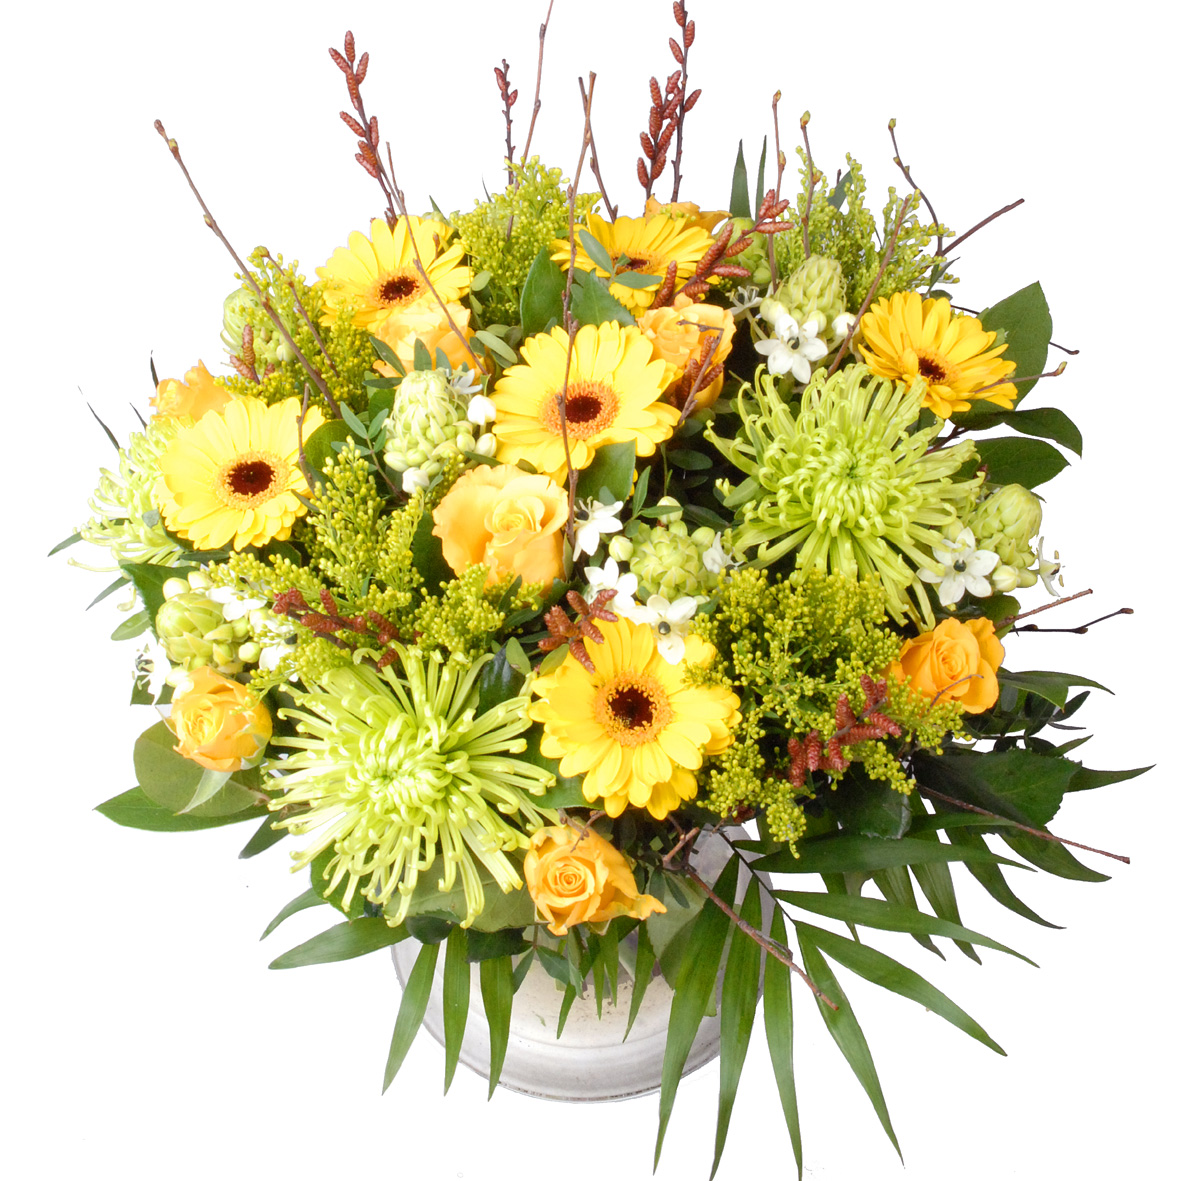 Planten Vaderdag boeket bloemen geel groen